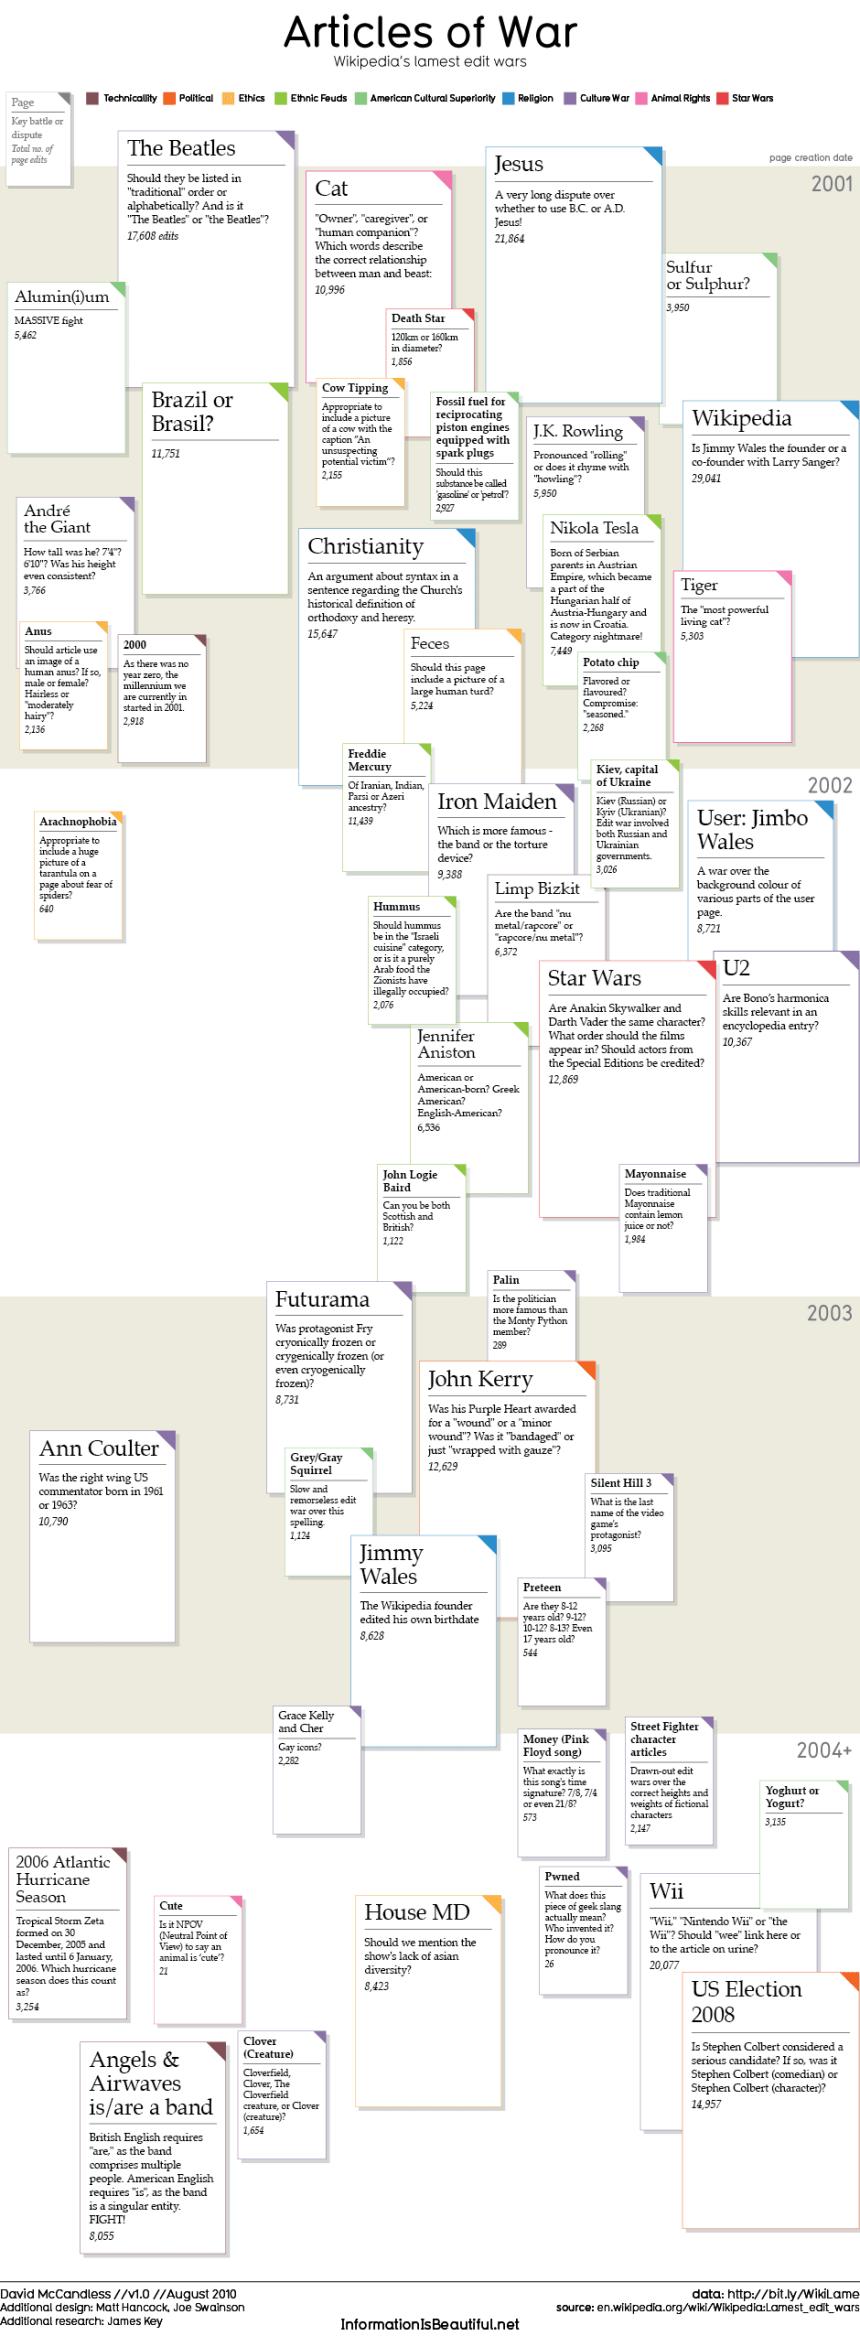 Algunas polémicas de la Wikipedia